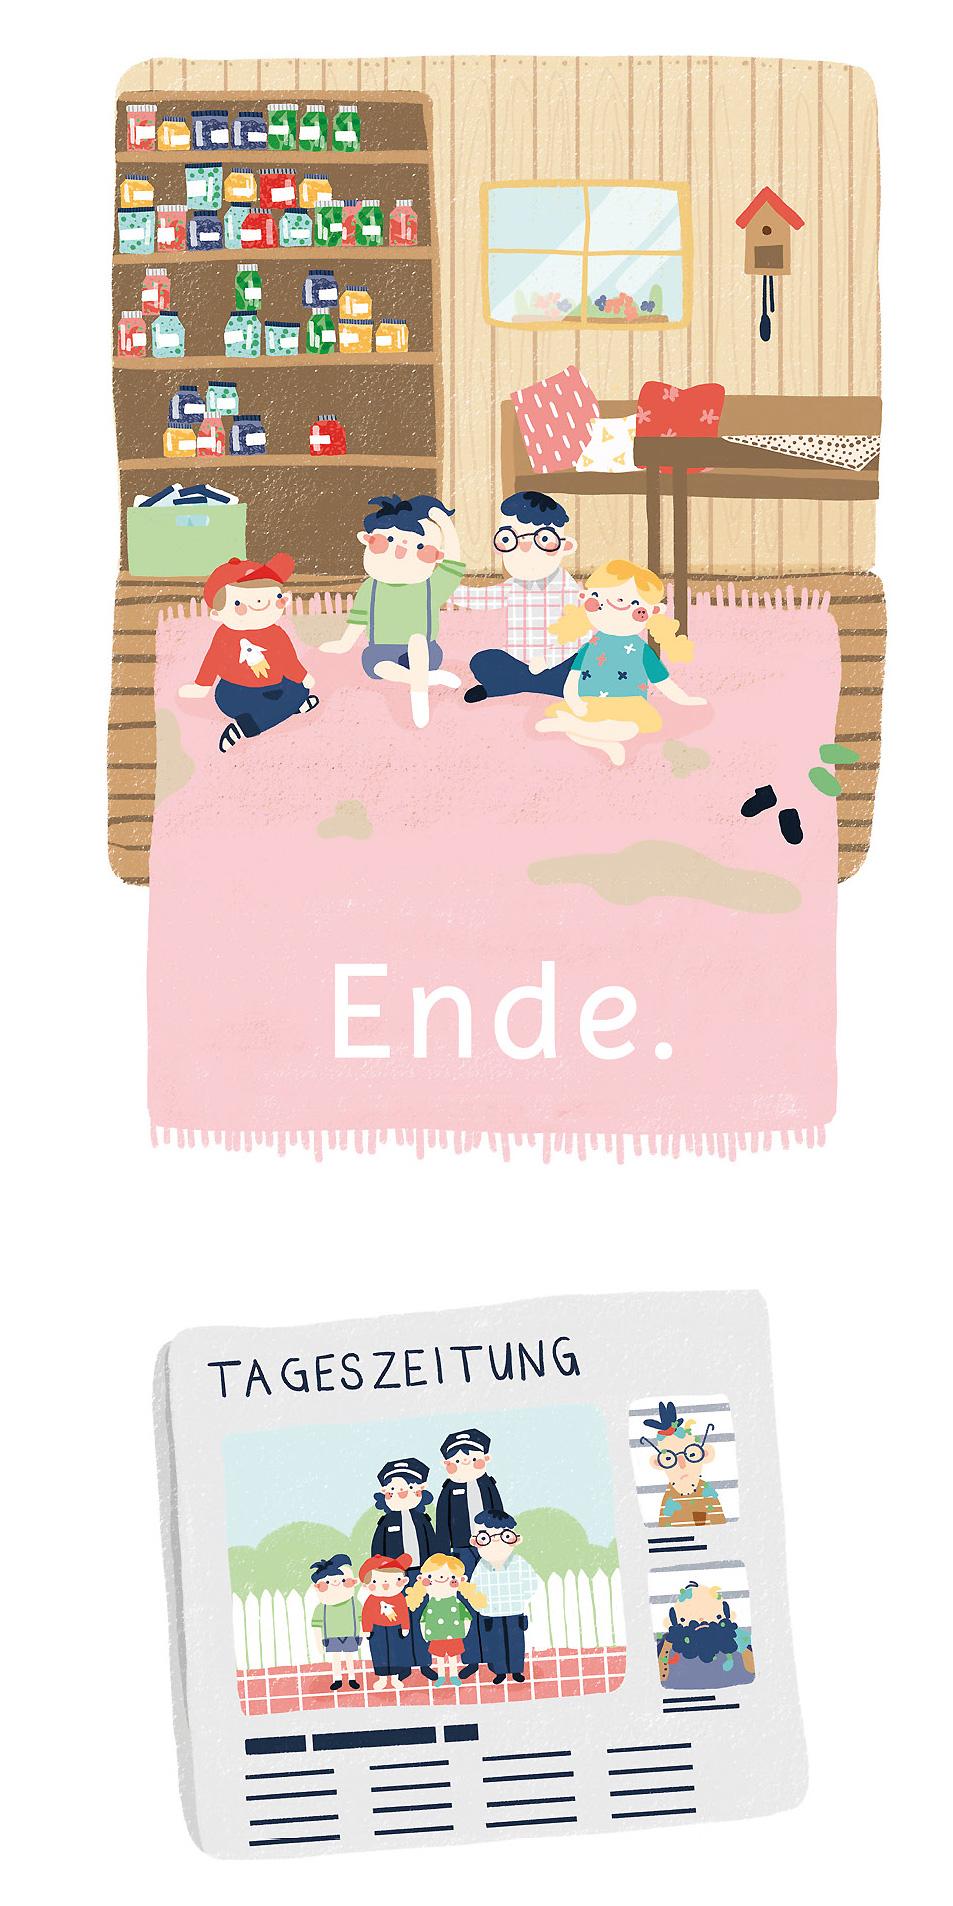 7DMBO-Studio-für-Gestaltung-Pforzheim-agora42-Erbsengrün-Illustration-Kinder-Buch-Illustratives